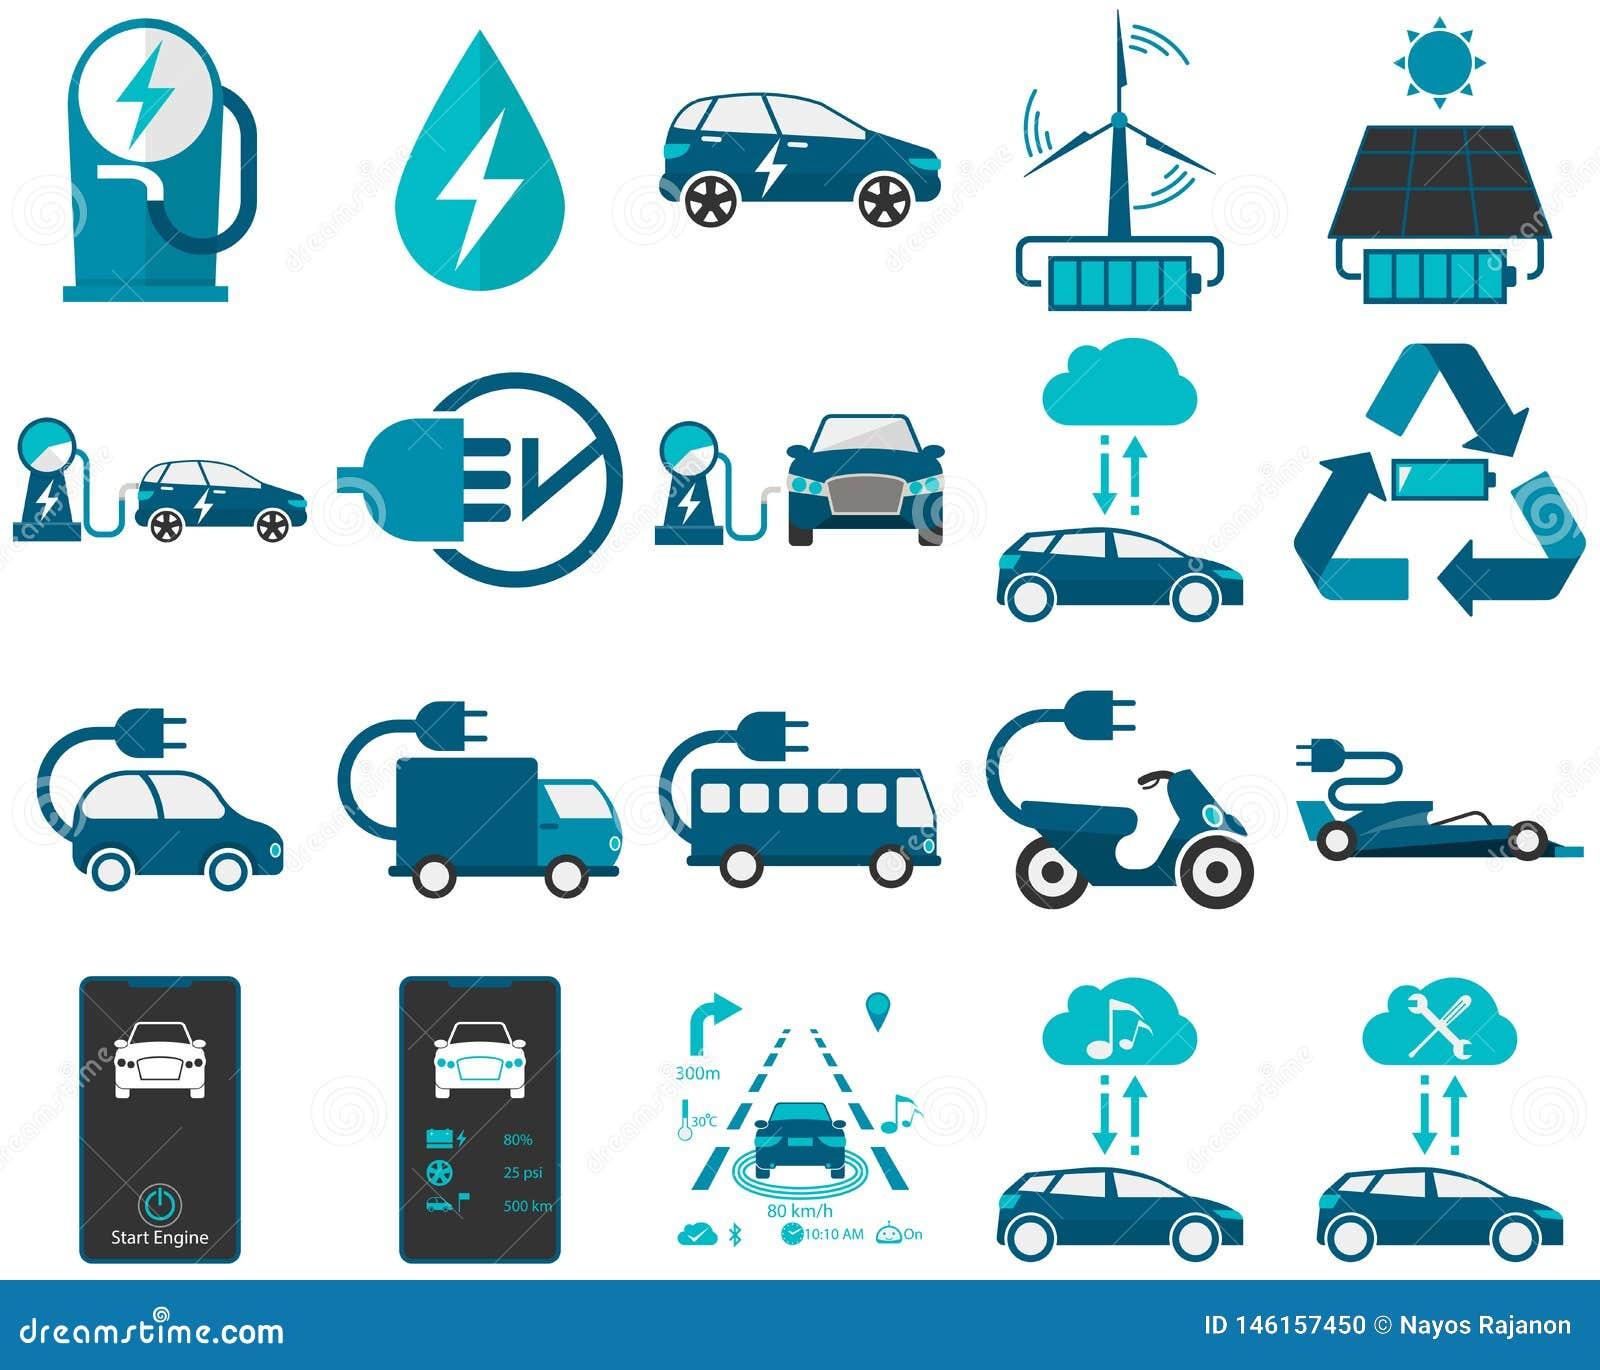 Smart en elektrisch voertuig in kleur